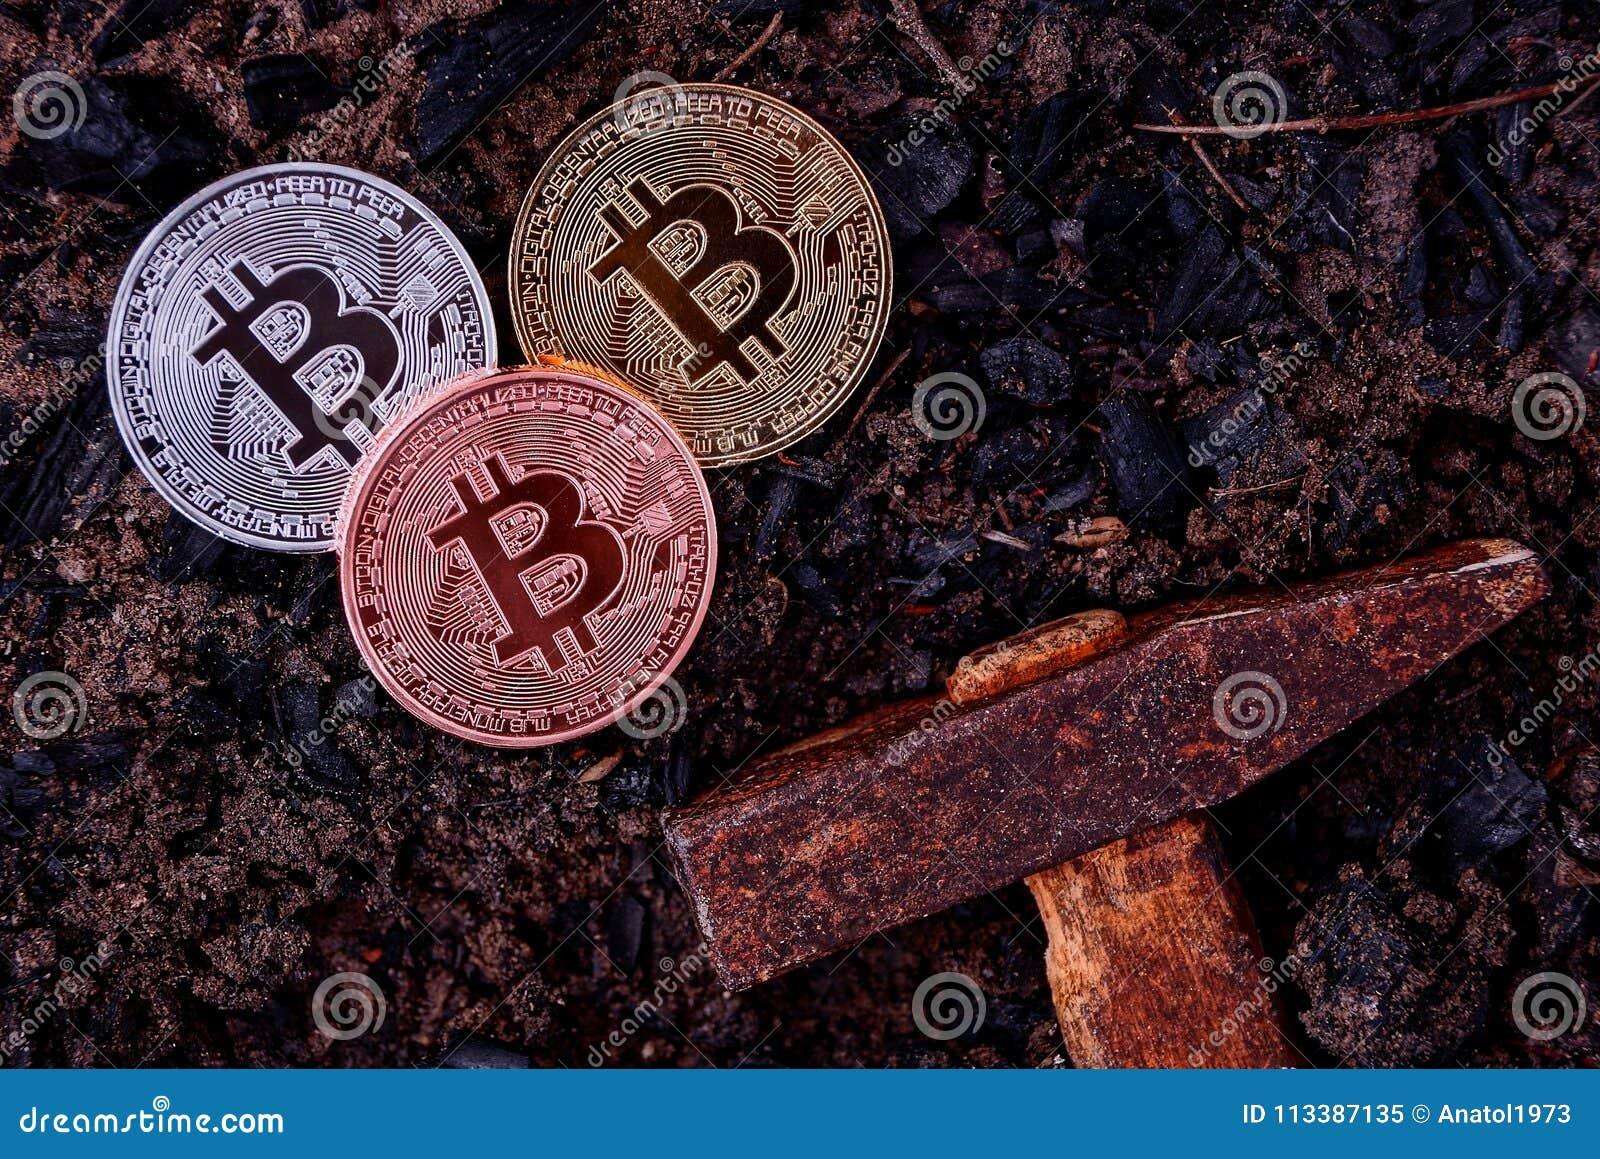 Tres monedas de bitcoin en la tierra negra y un martillo